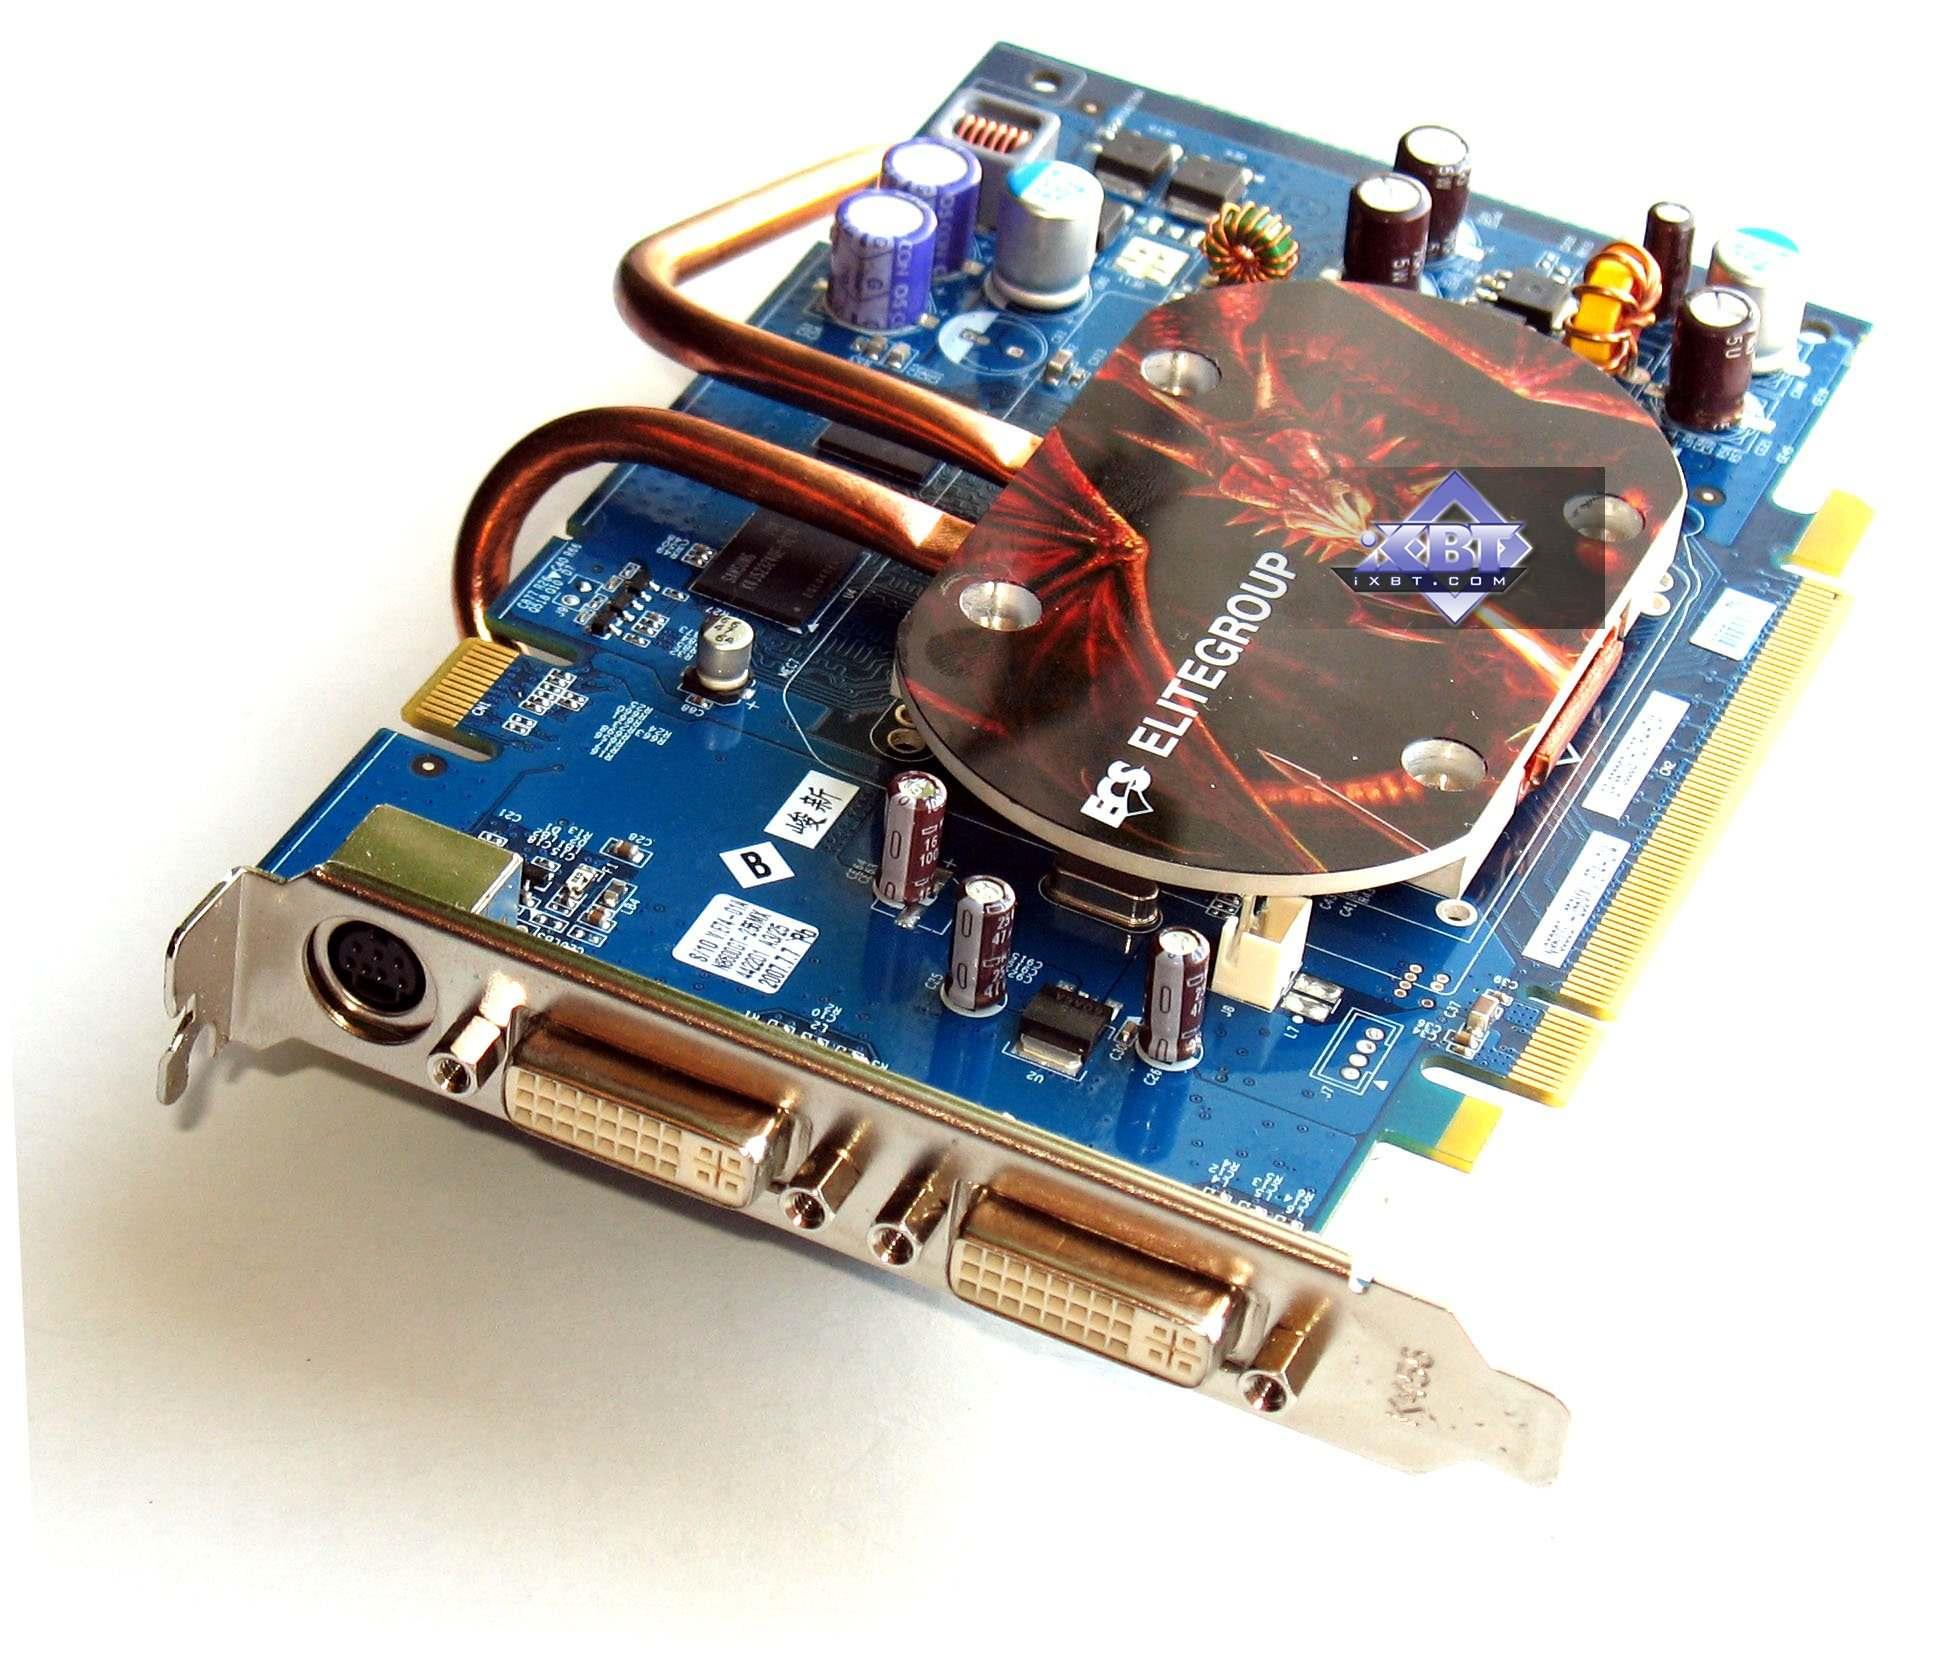 Geforce 8600 gt видео драйвер скачать